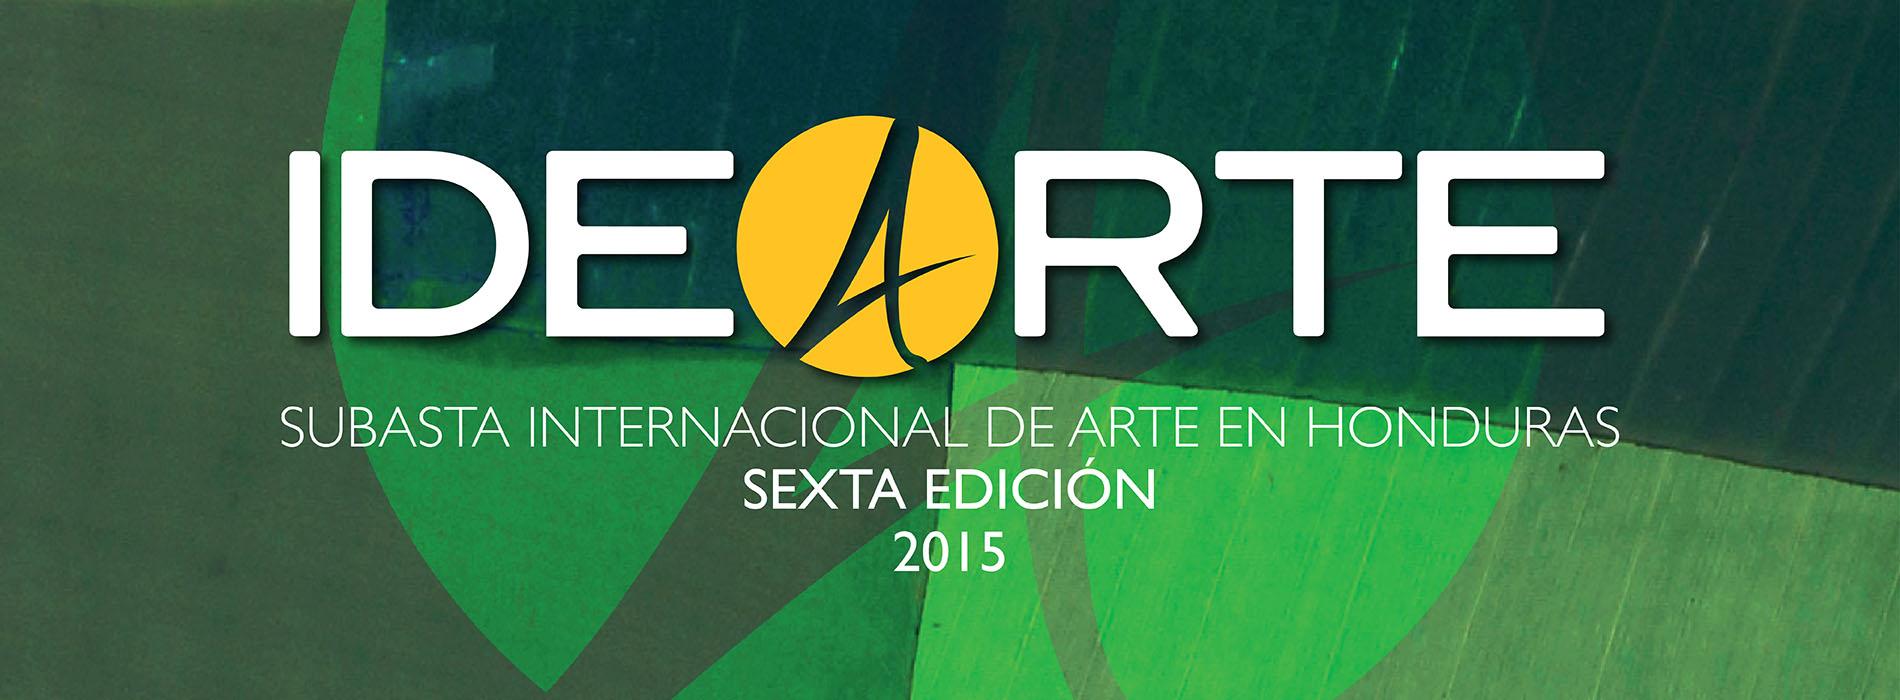 web-idearte-2015-slide-01